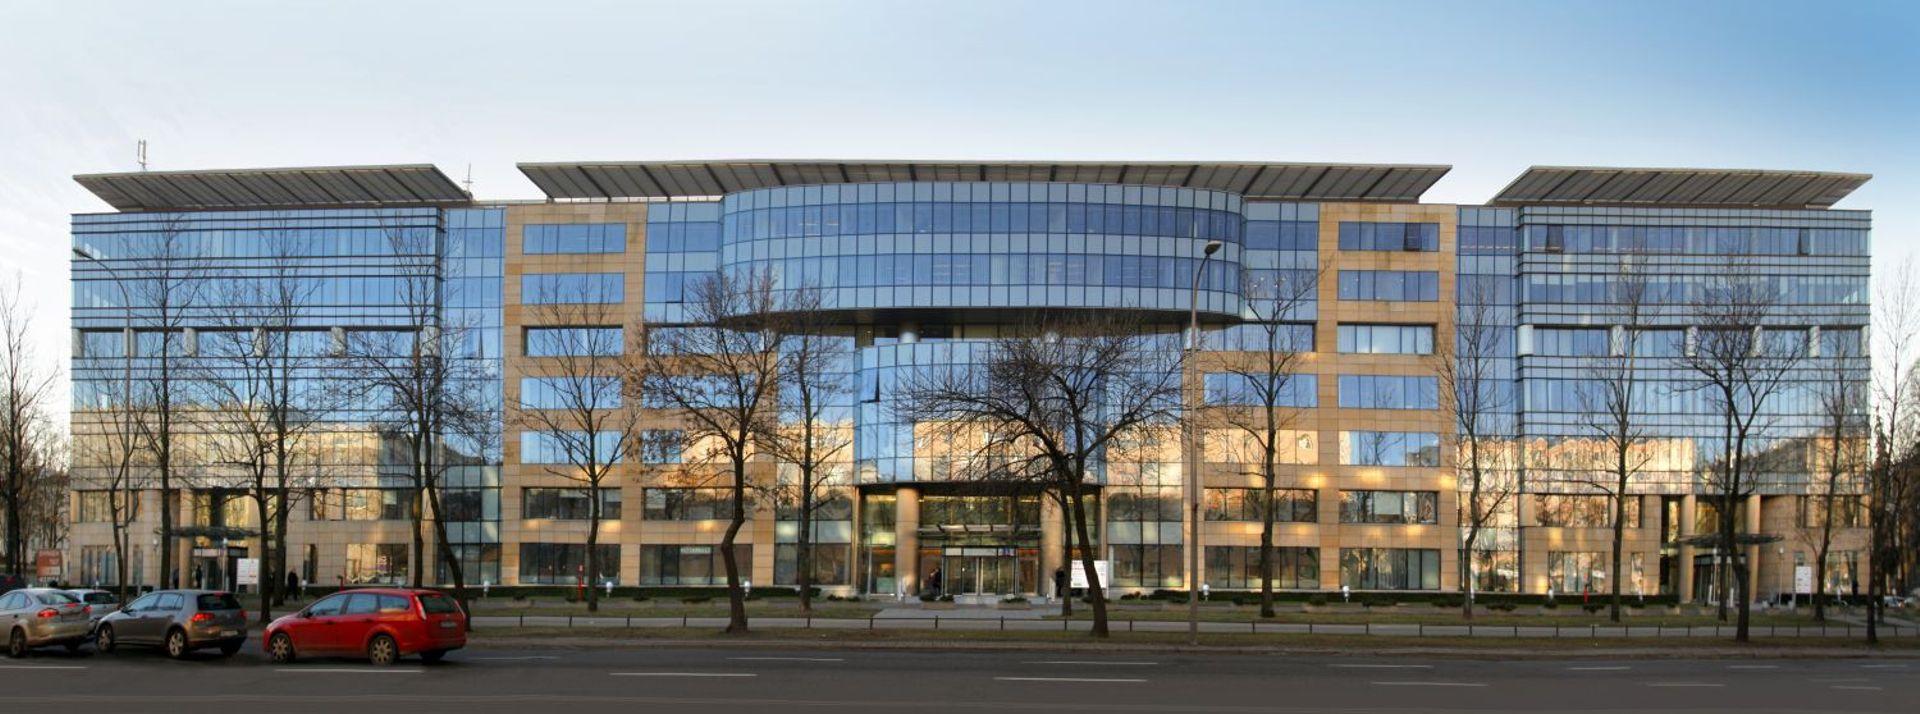 [Warszawa] Bitwy Warszawskiej Business Center z certyfikatem BREEAM